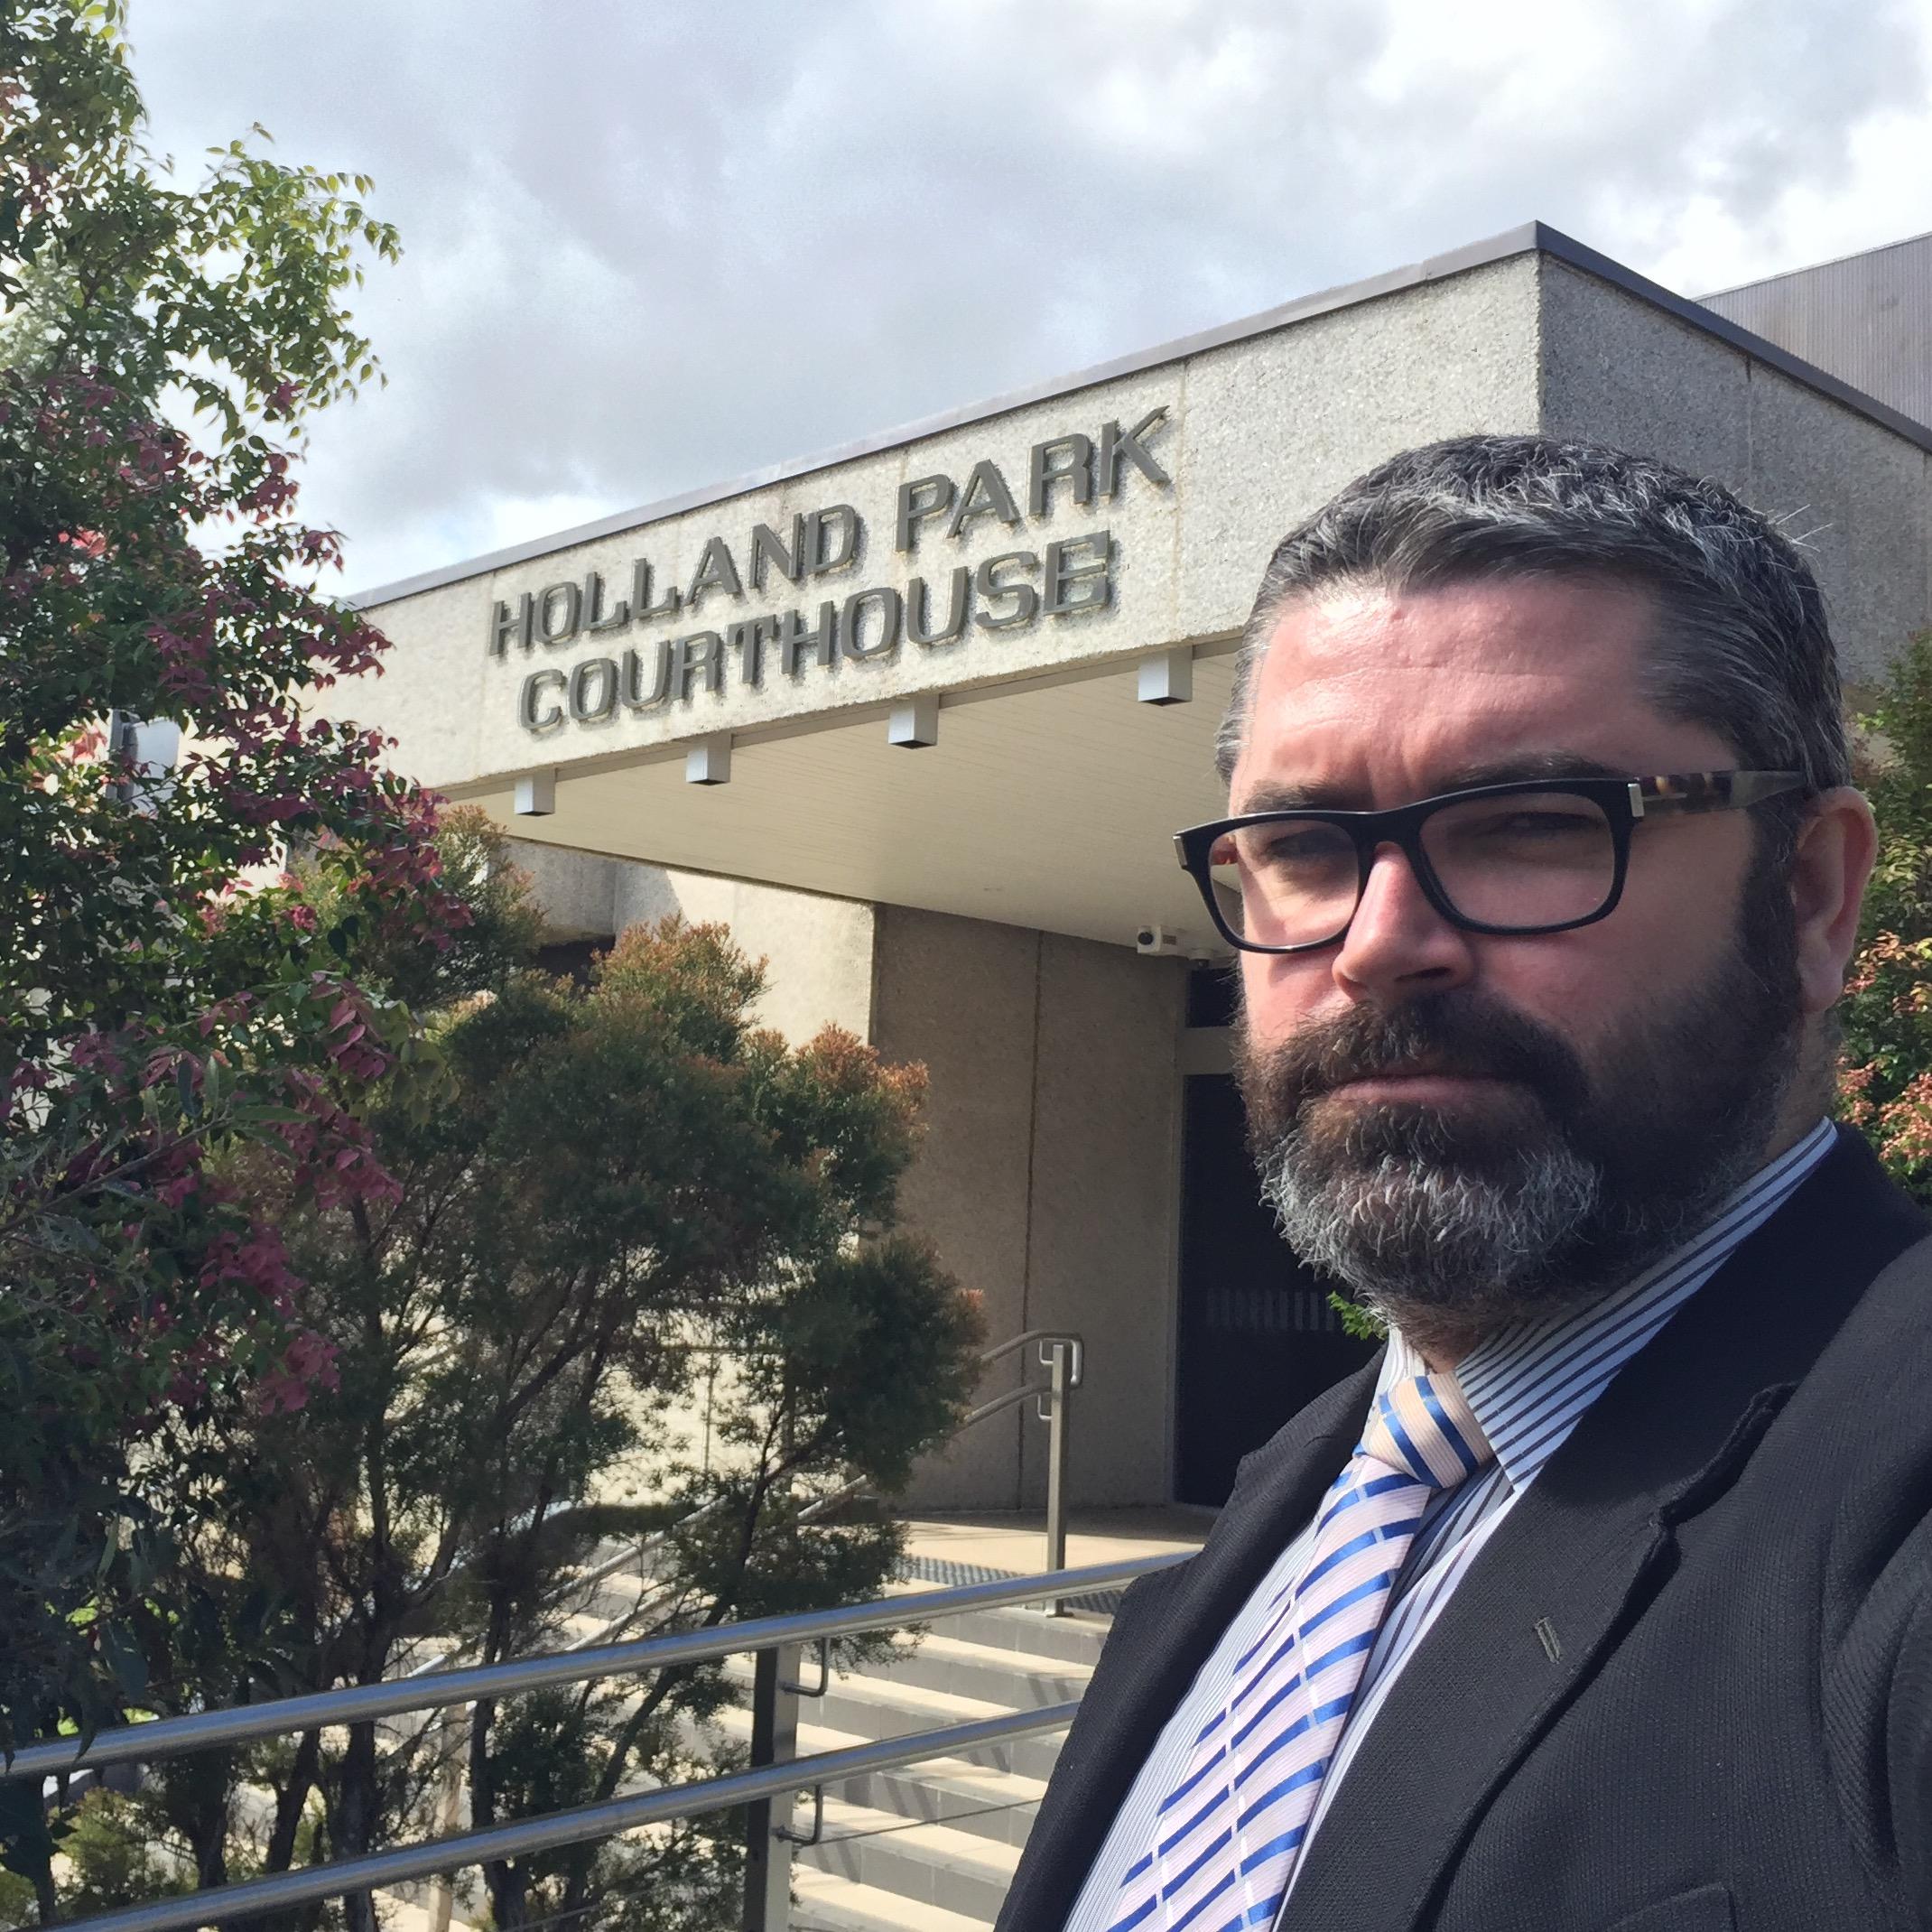 Holland Park Brisbane DUI Drink Driving Drug Driving Lawyer